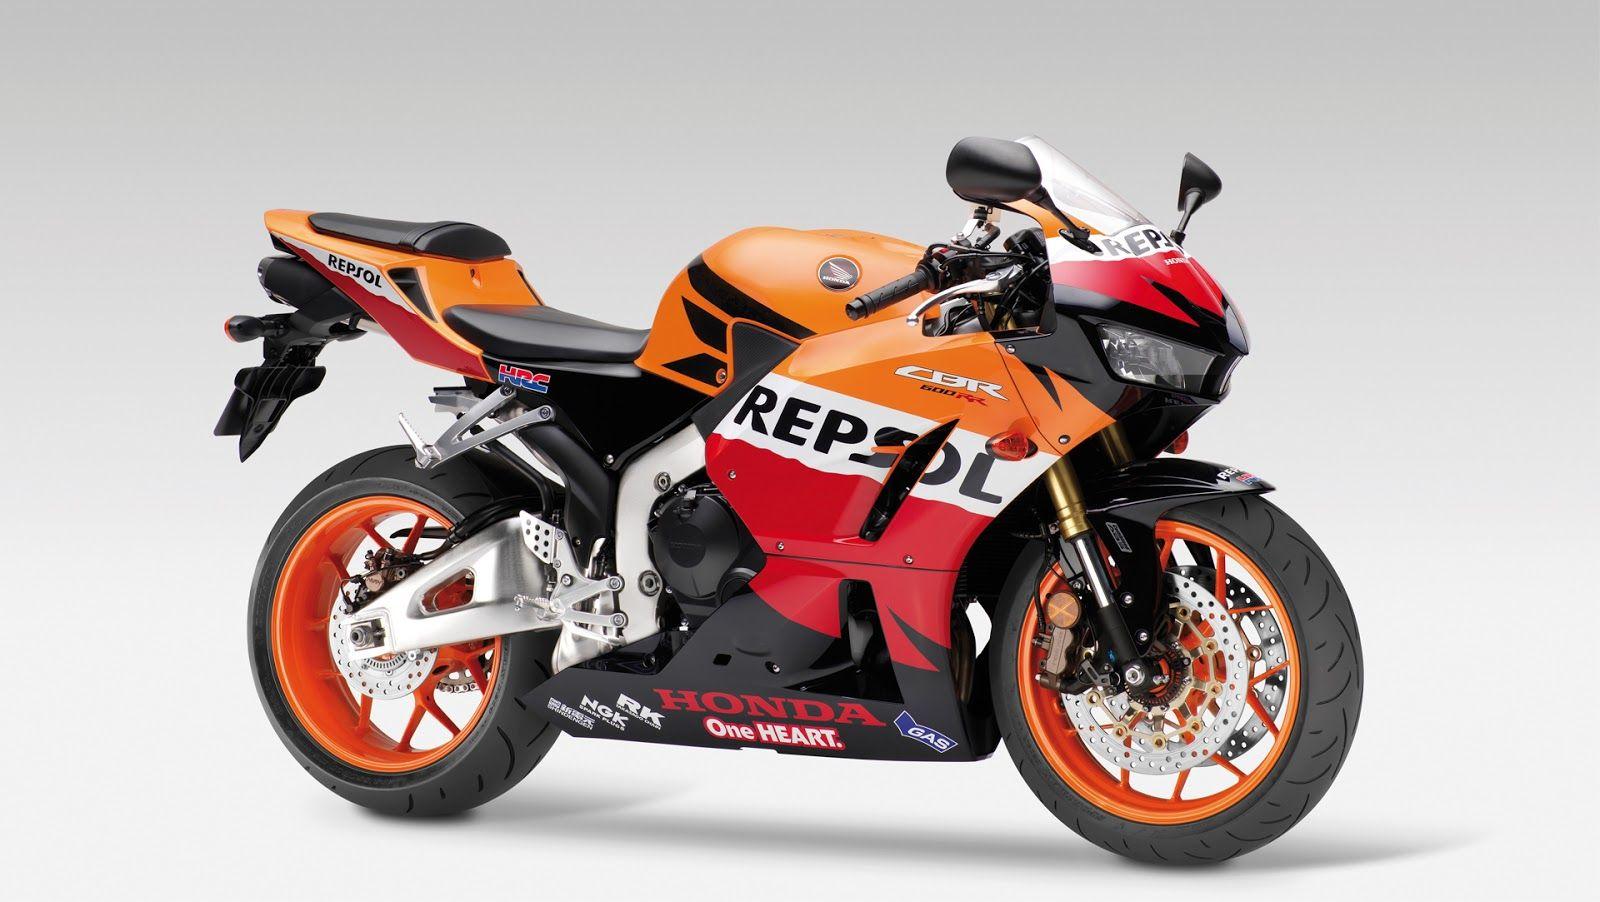 2014 Honda Cbr600rr Review And Prices Honda Cbr600rr Honda Cbr Honda Bikes